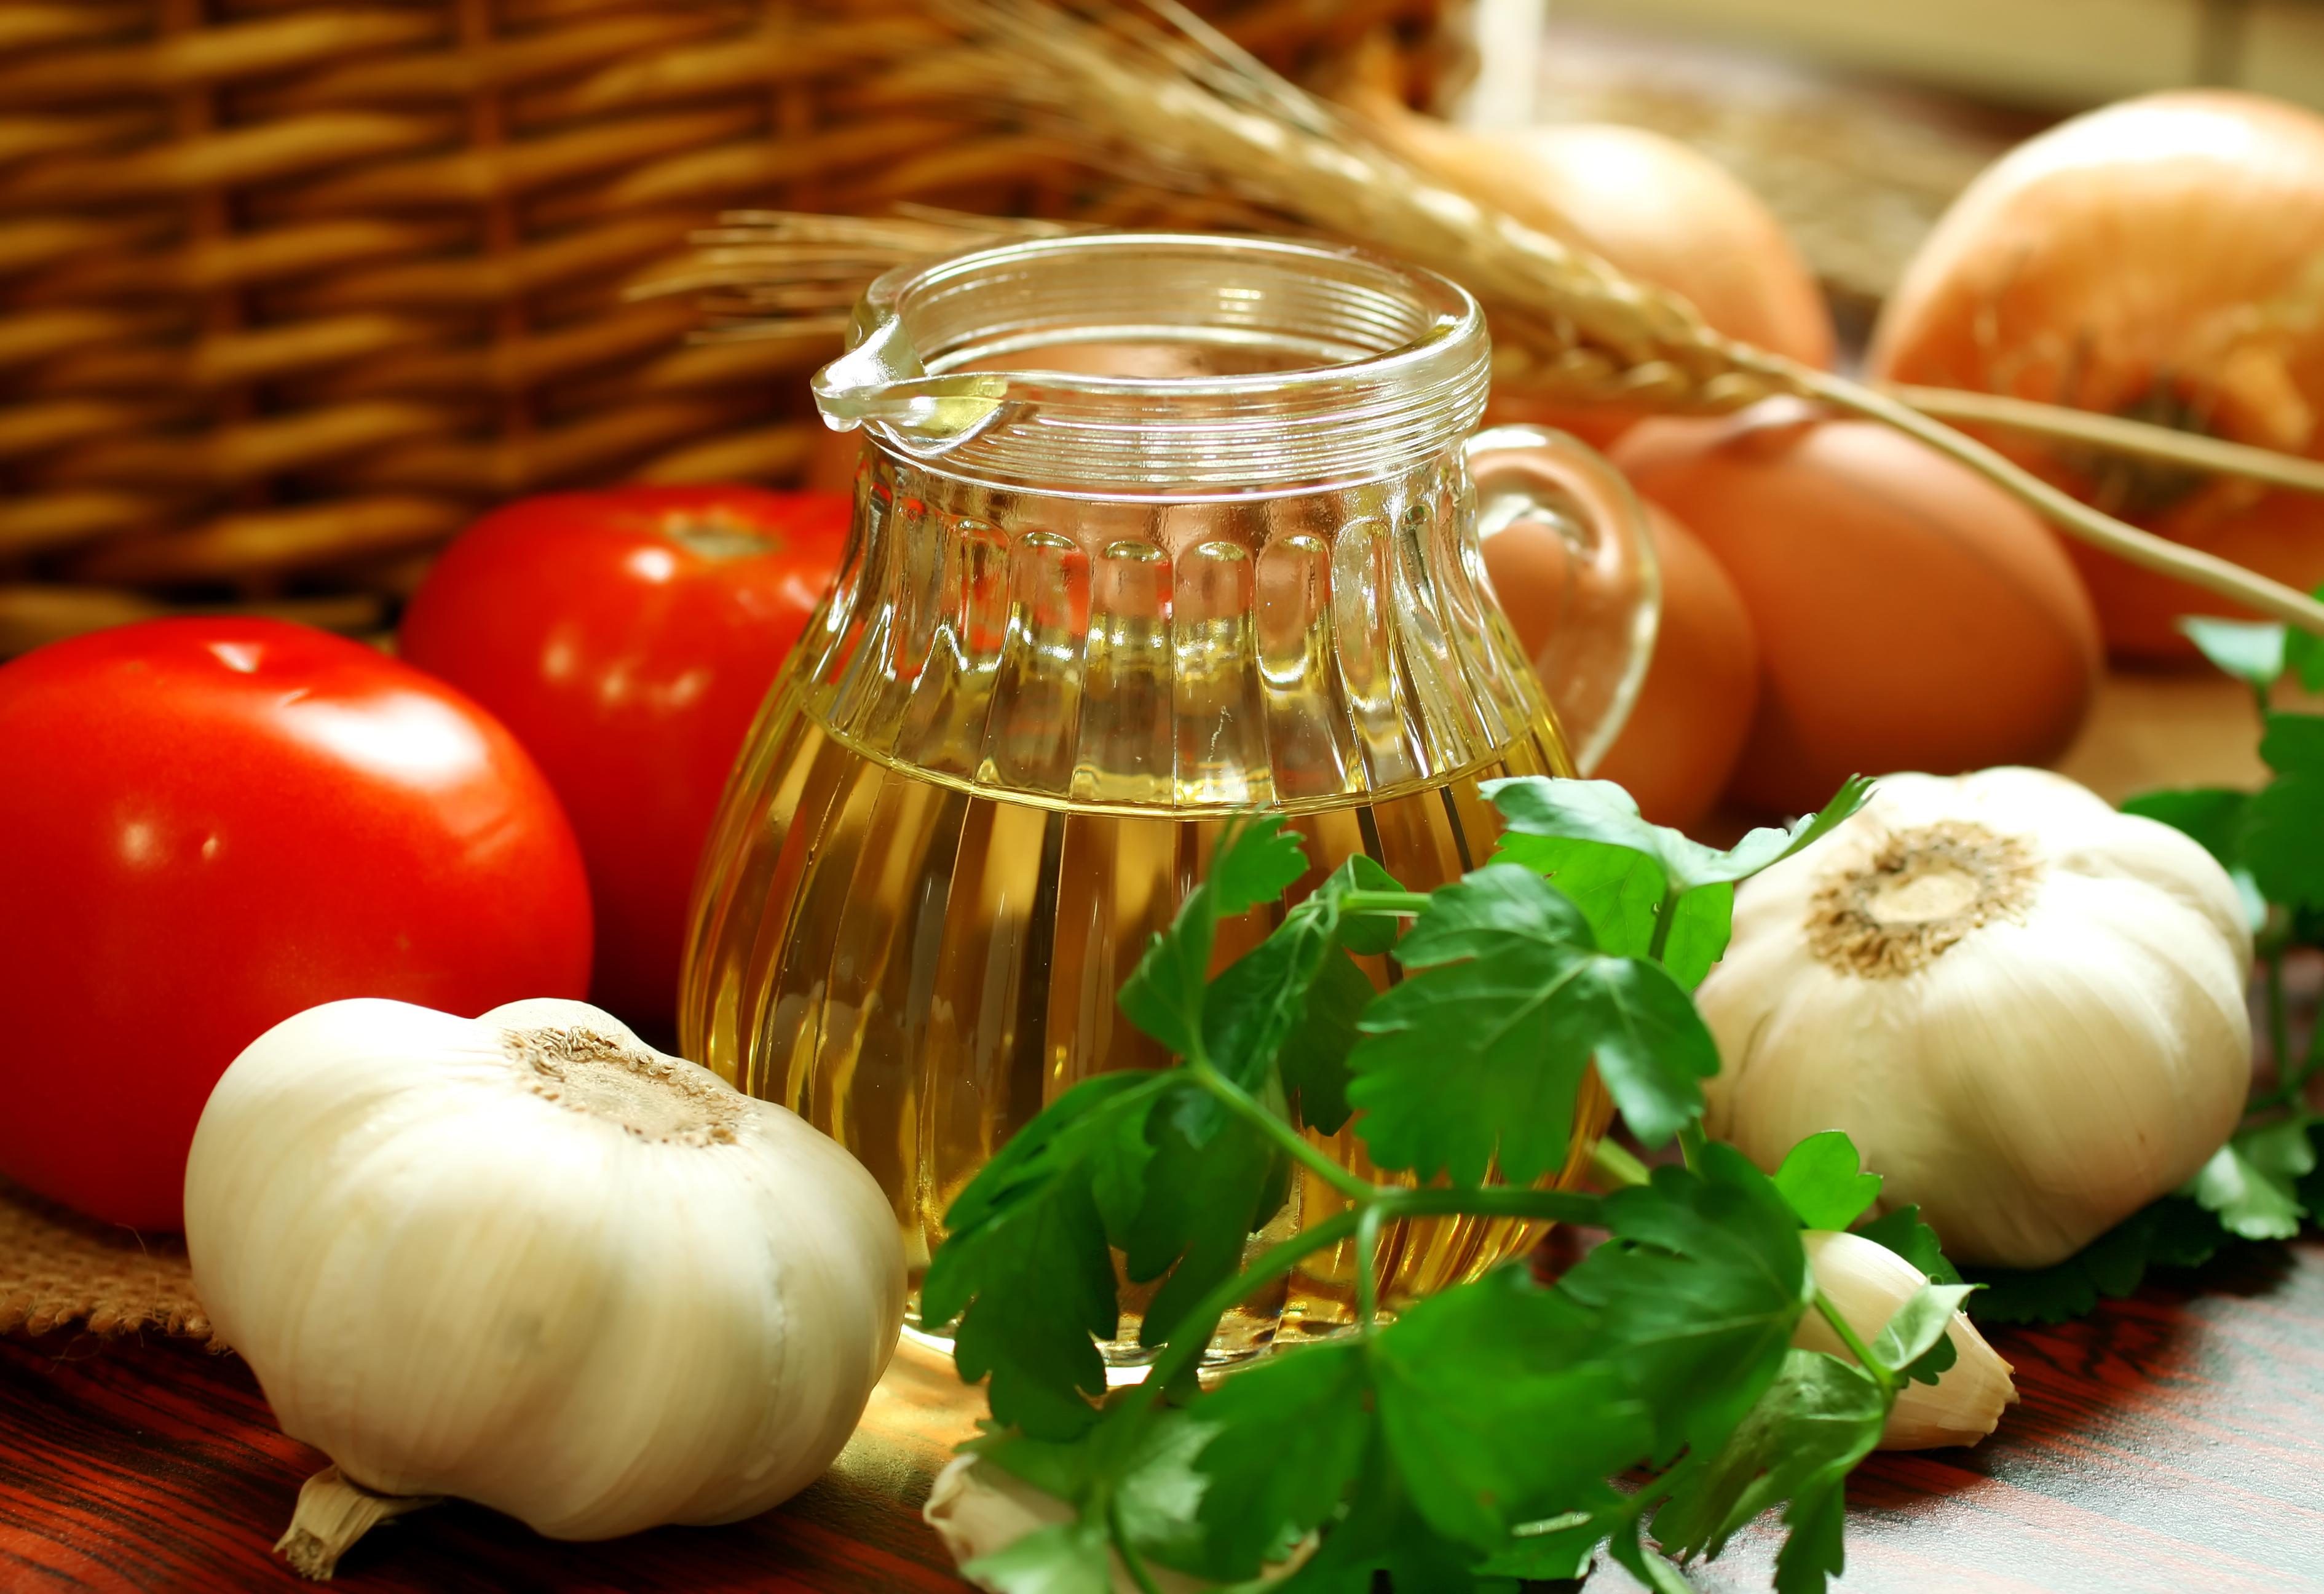 Problem med högt kolesterol är sammankopplat med livsstil. Förändringar i kosten kan till exempel påverka kolesterolet i positiv riktning.